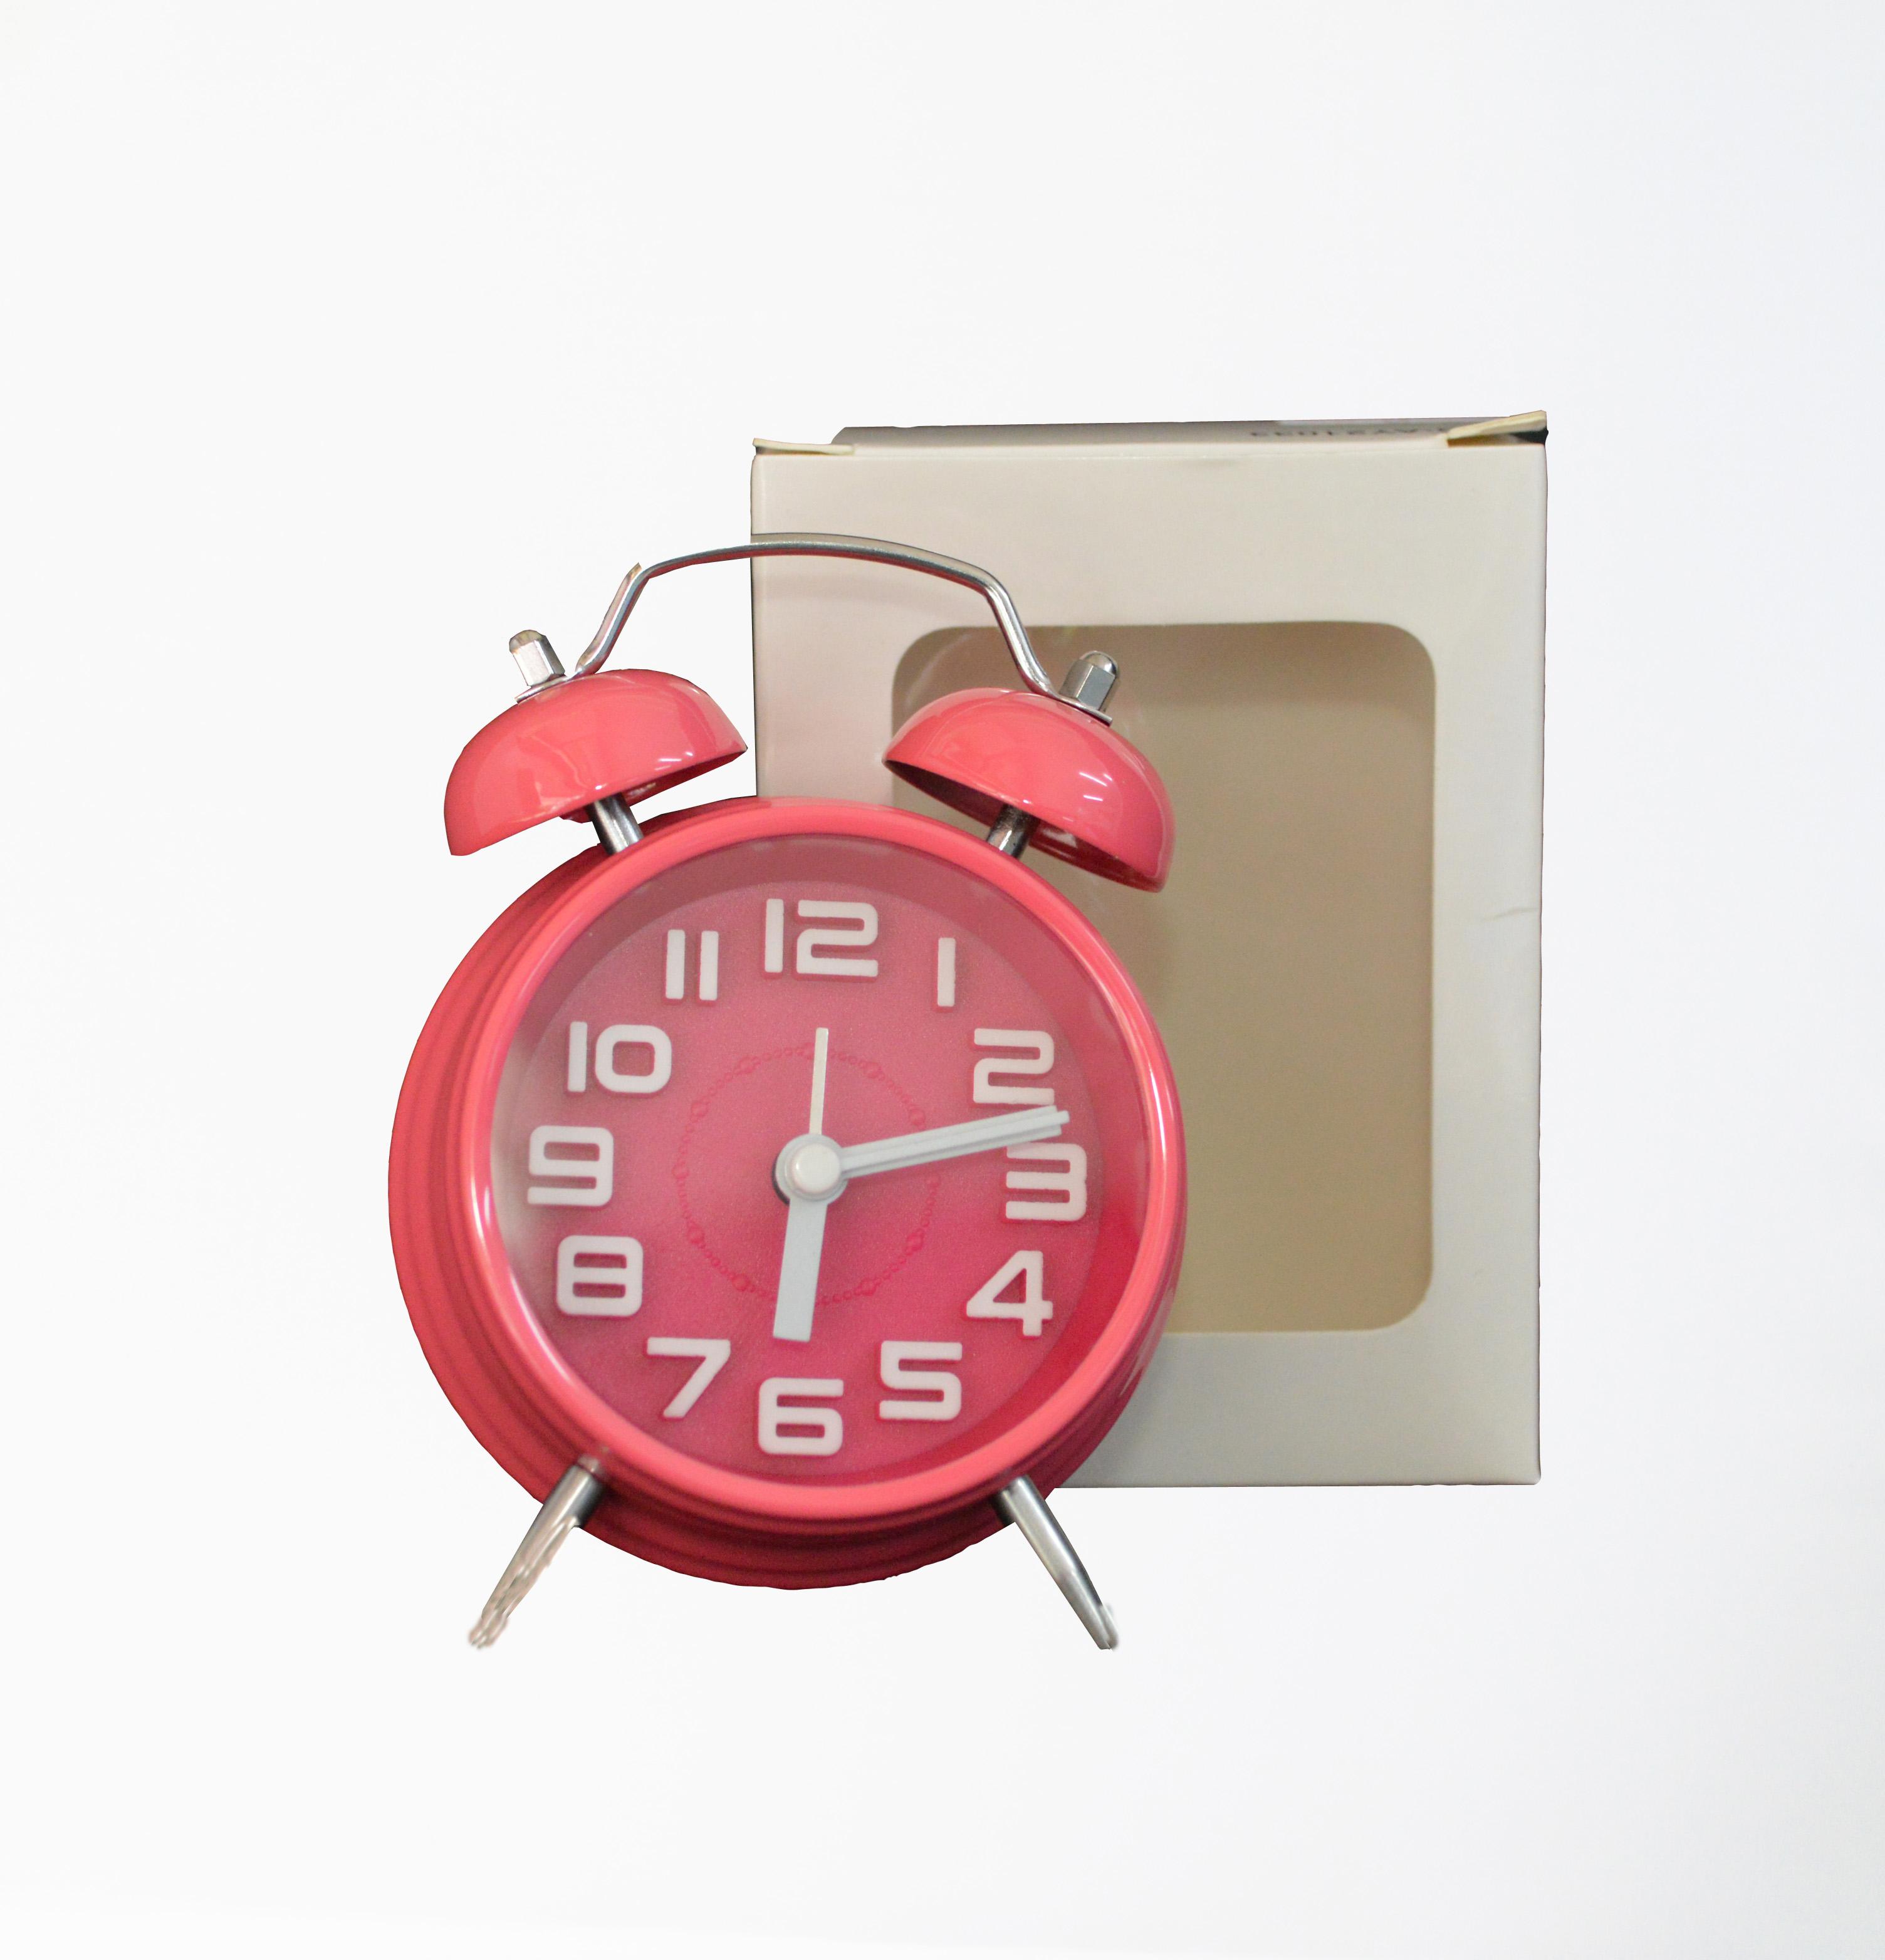 นาฬิกาผลุกจิ๋ว รหัส 2133